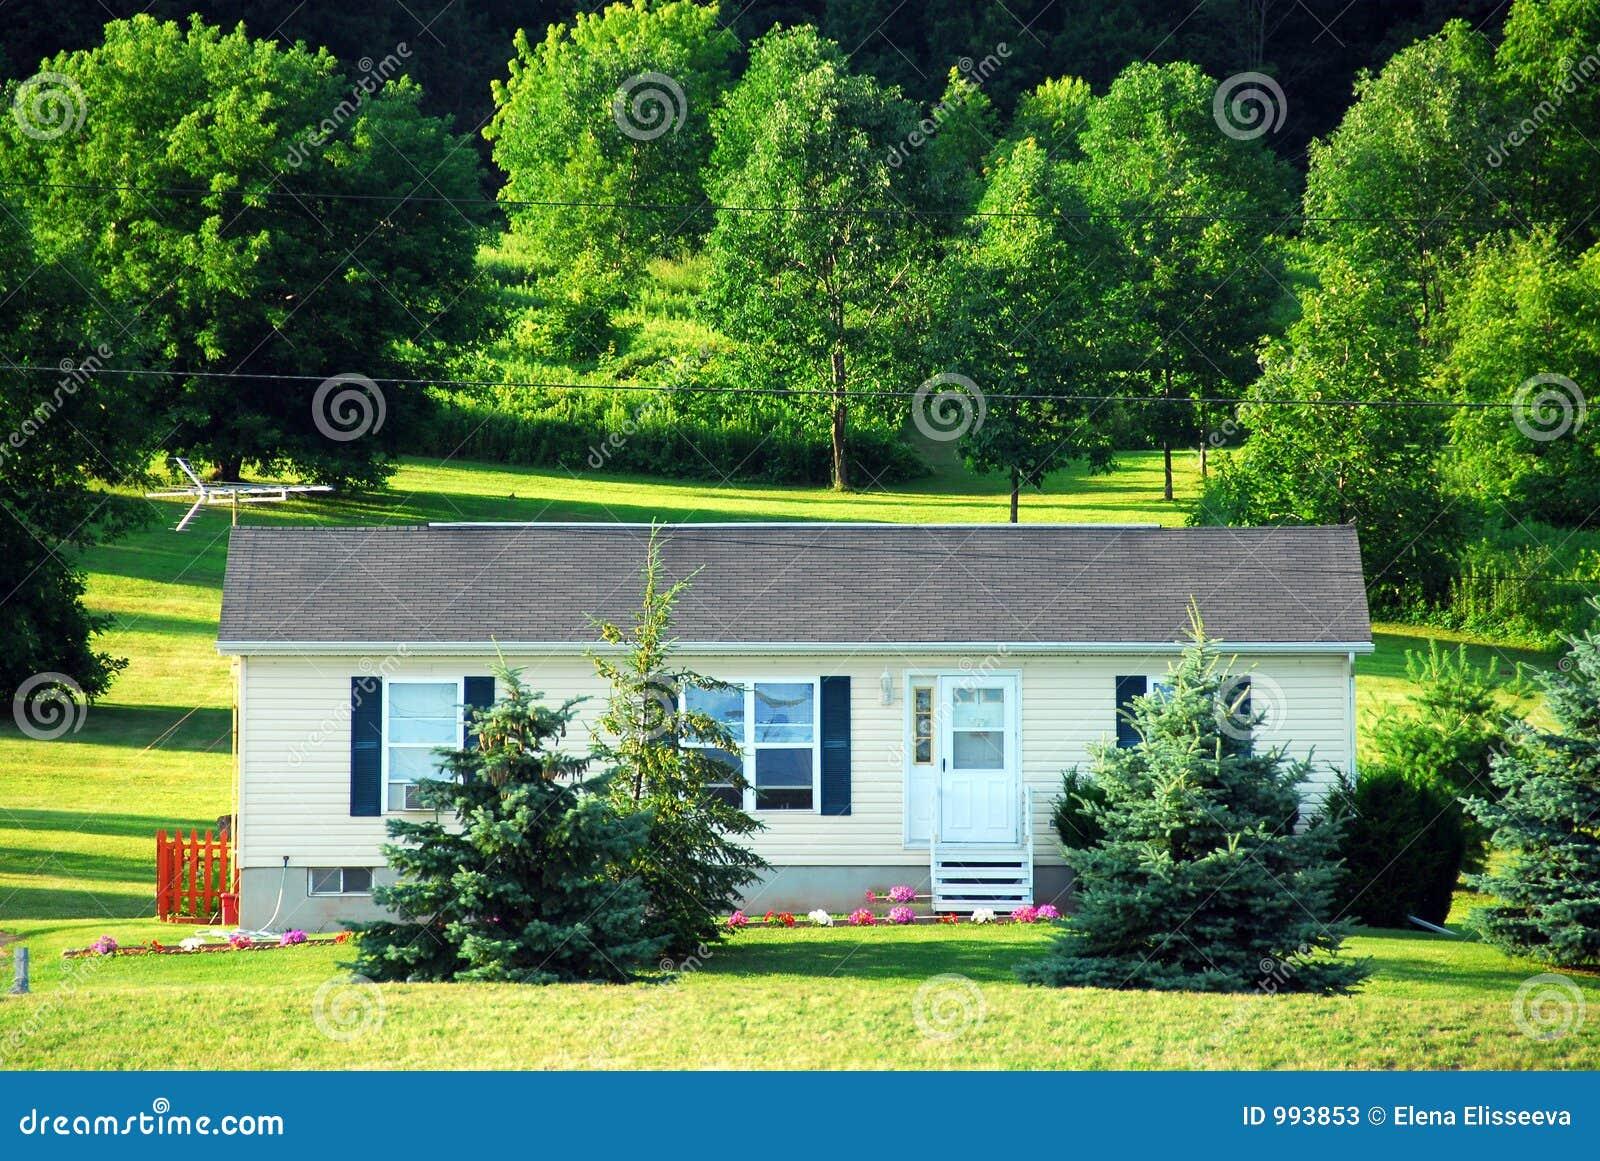 Petite maison de campagne photos stock image 993853 - Petite maison de campagne ...